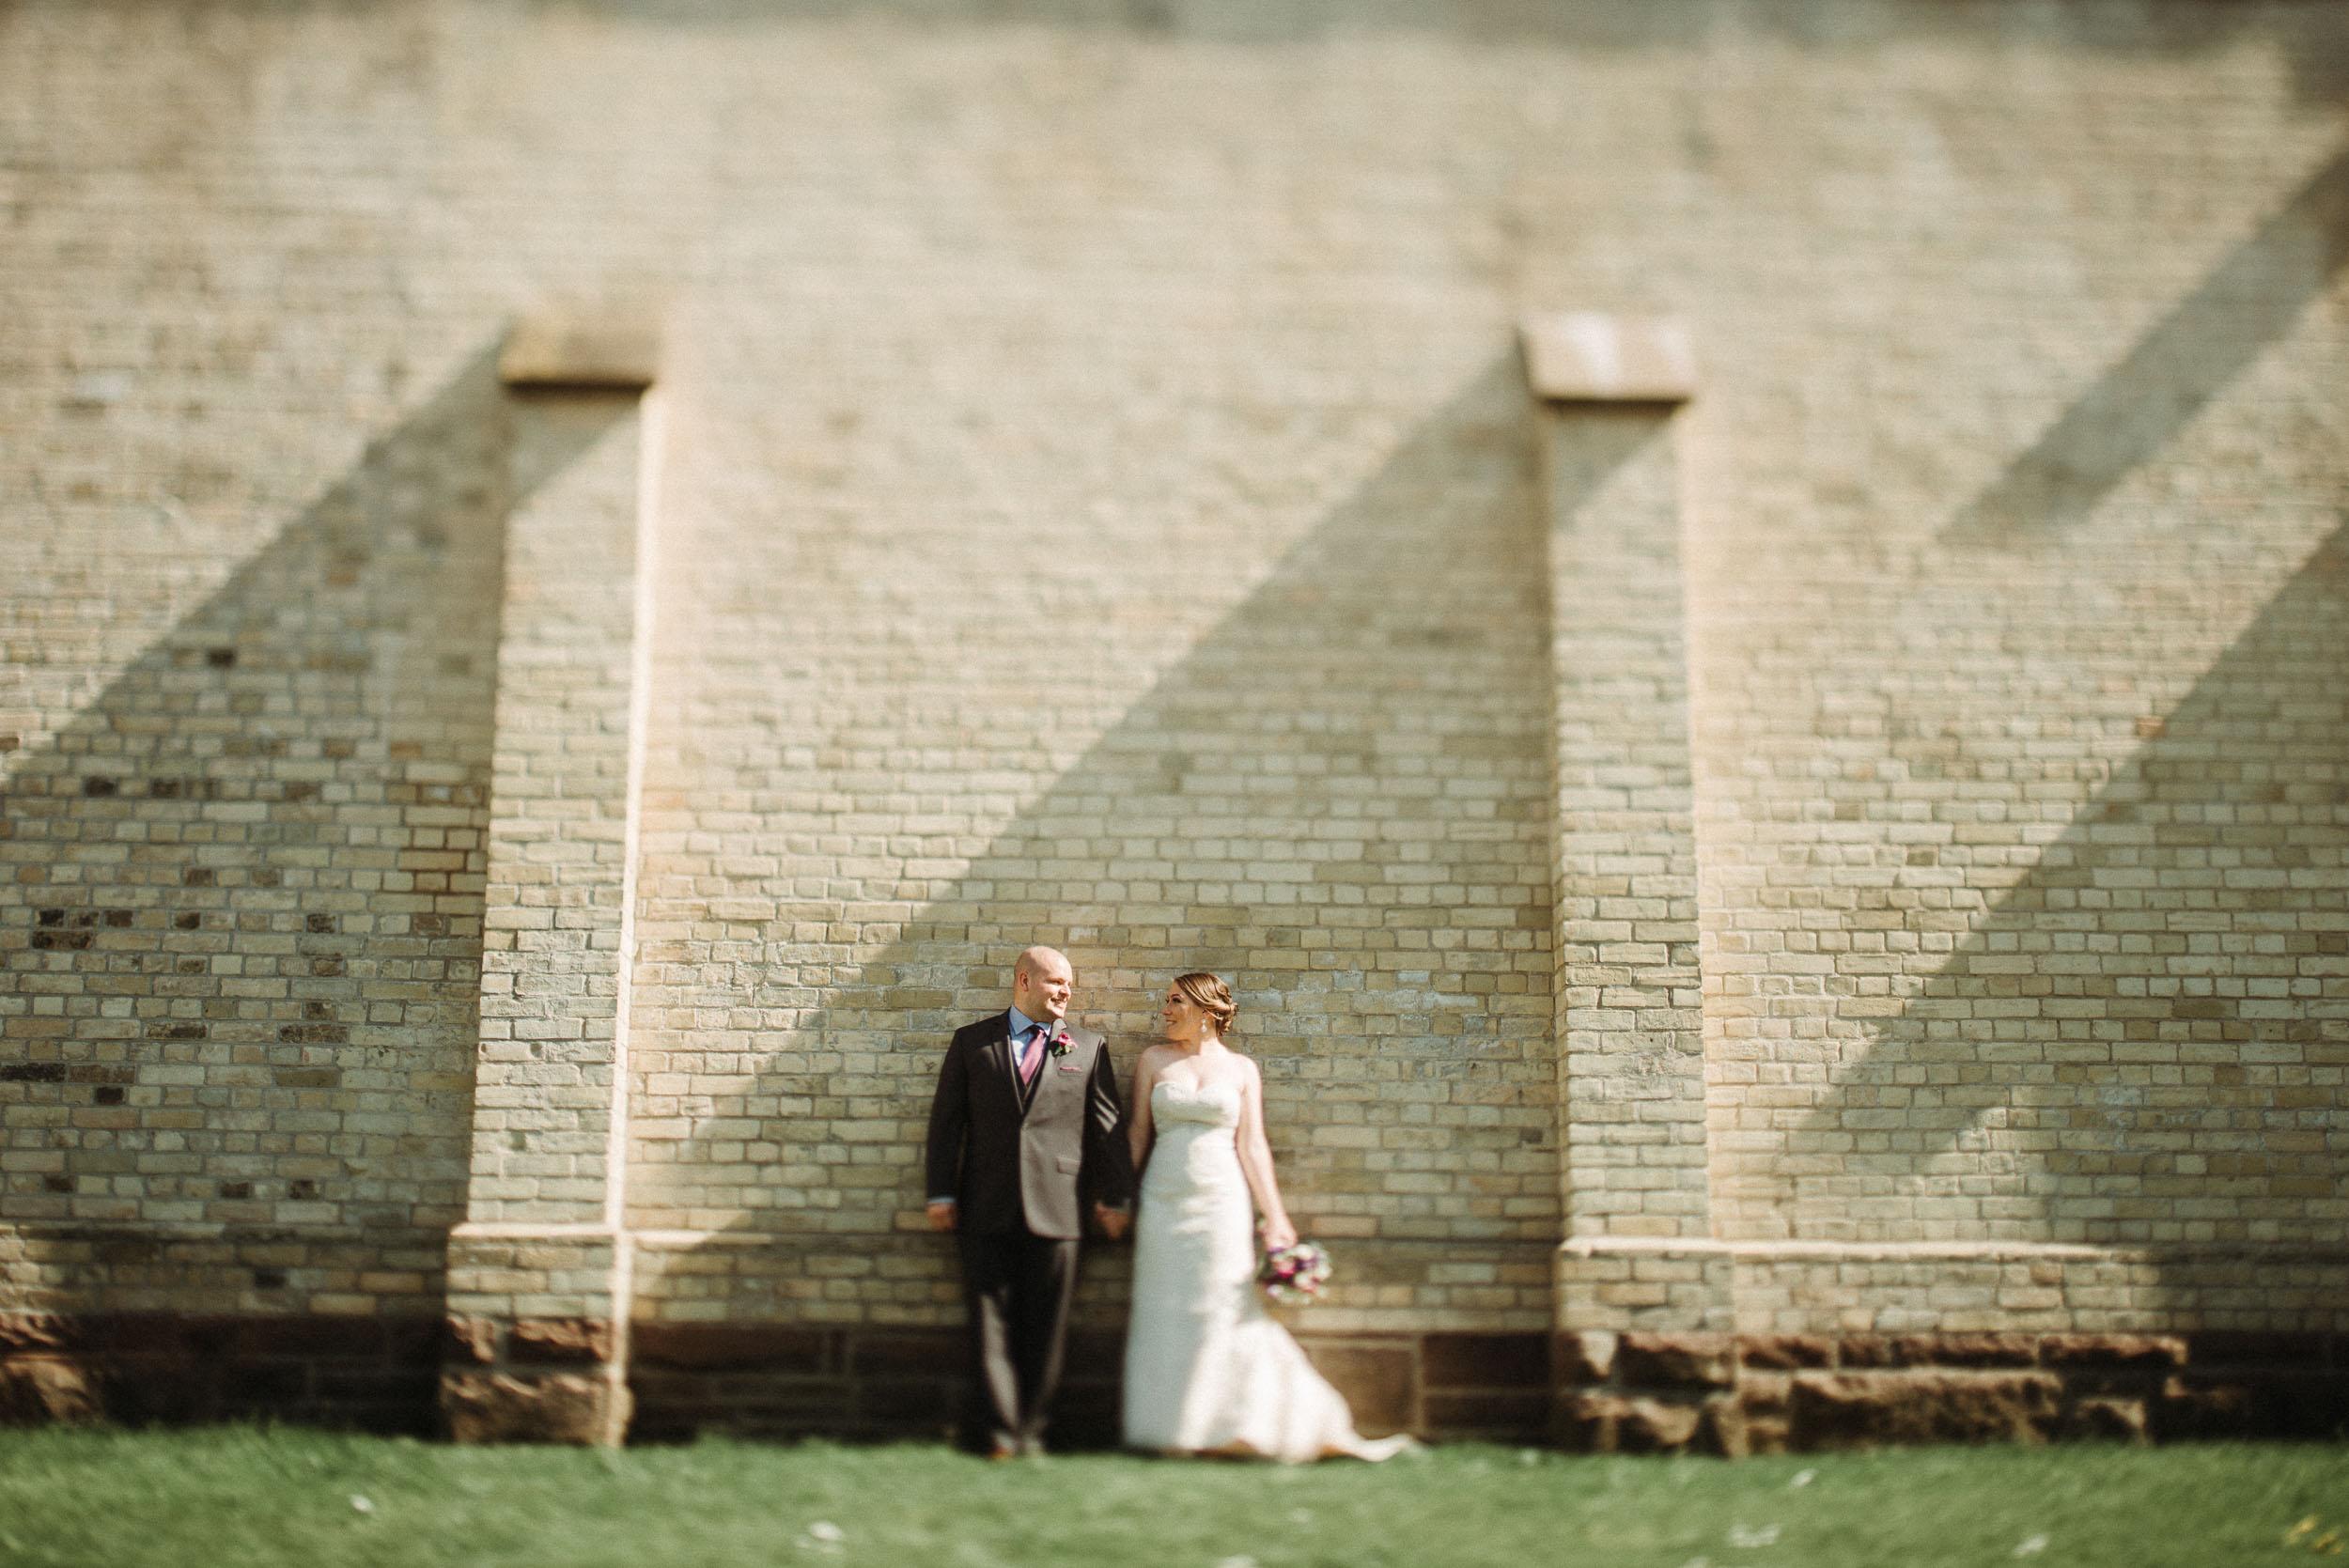 wedding-photography-stratford-davidiam-214.jpg